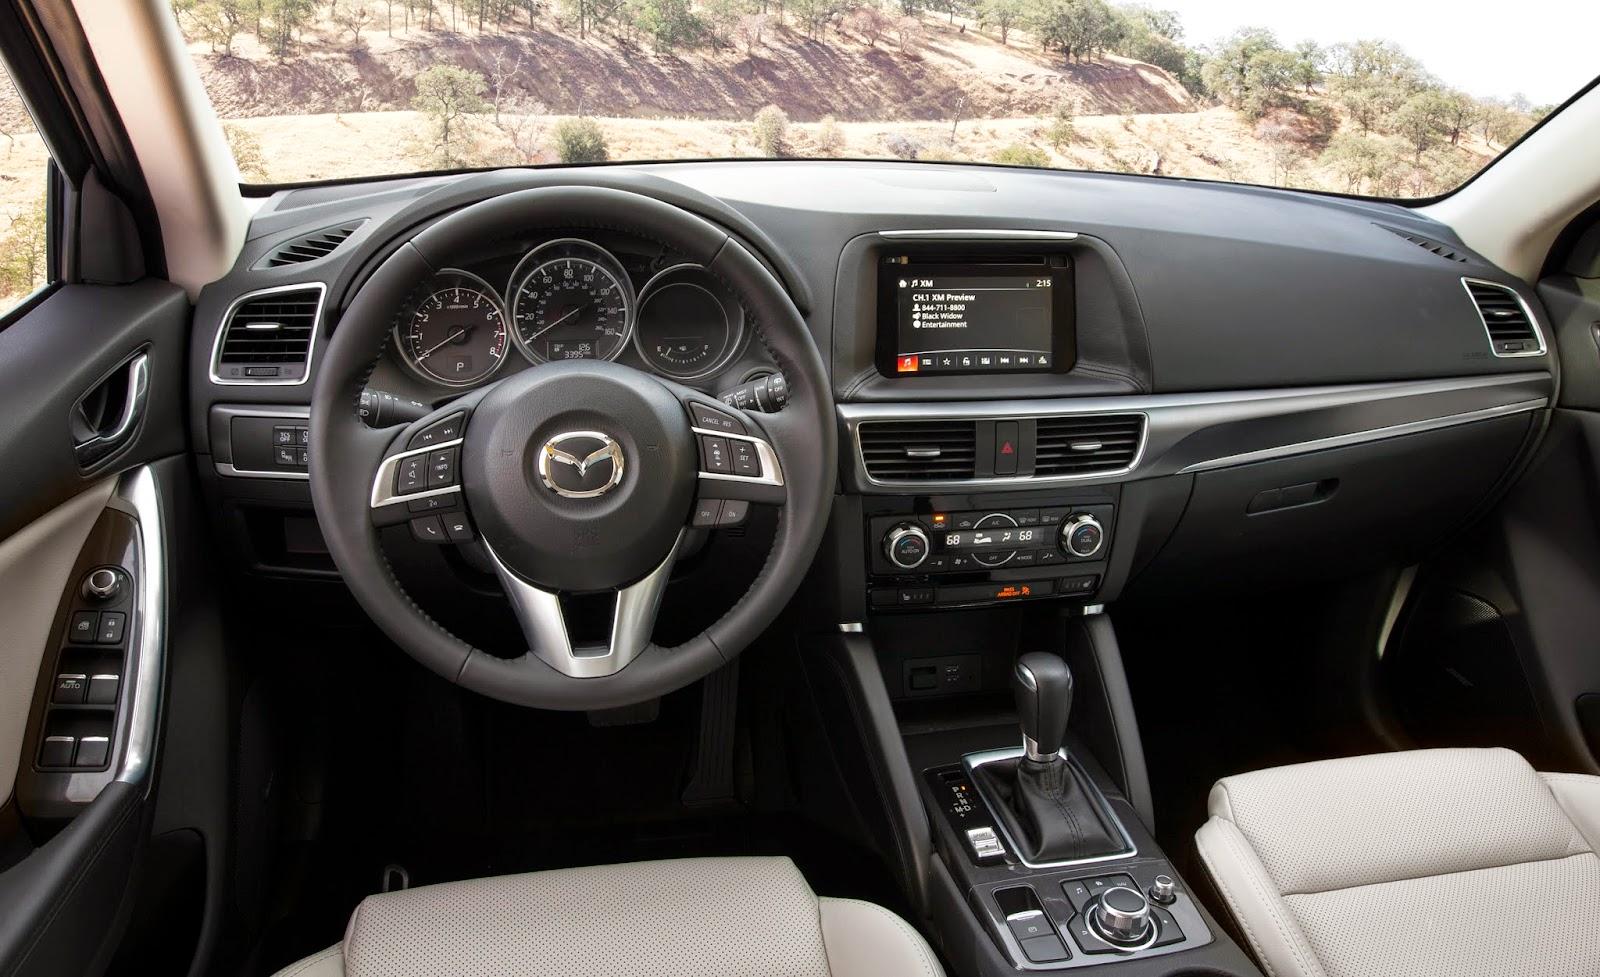 Interior view of the 2016 Mazda CX-5